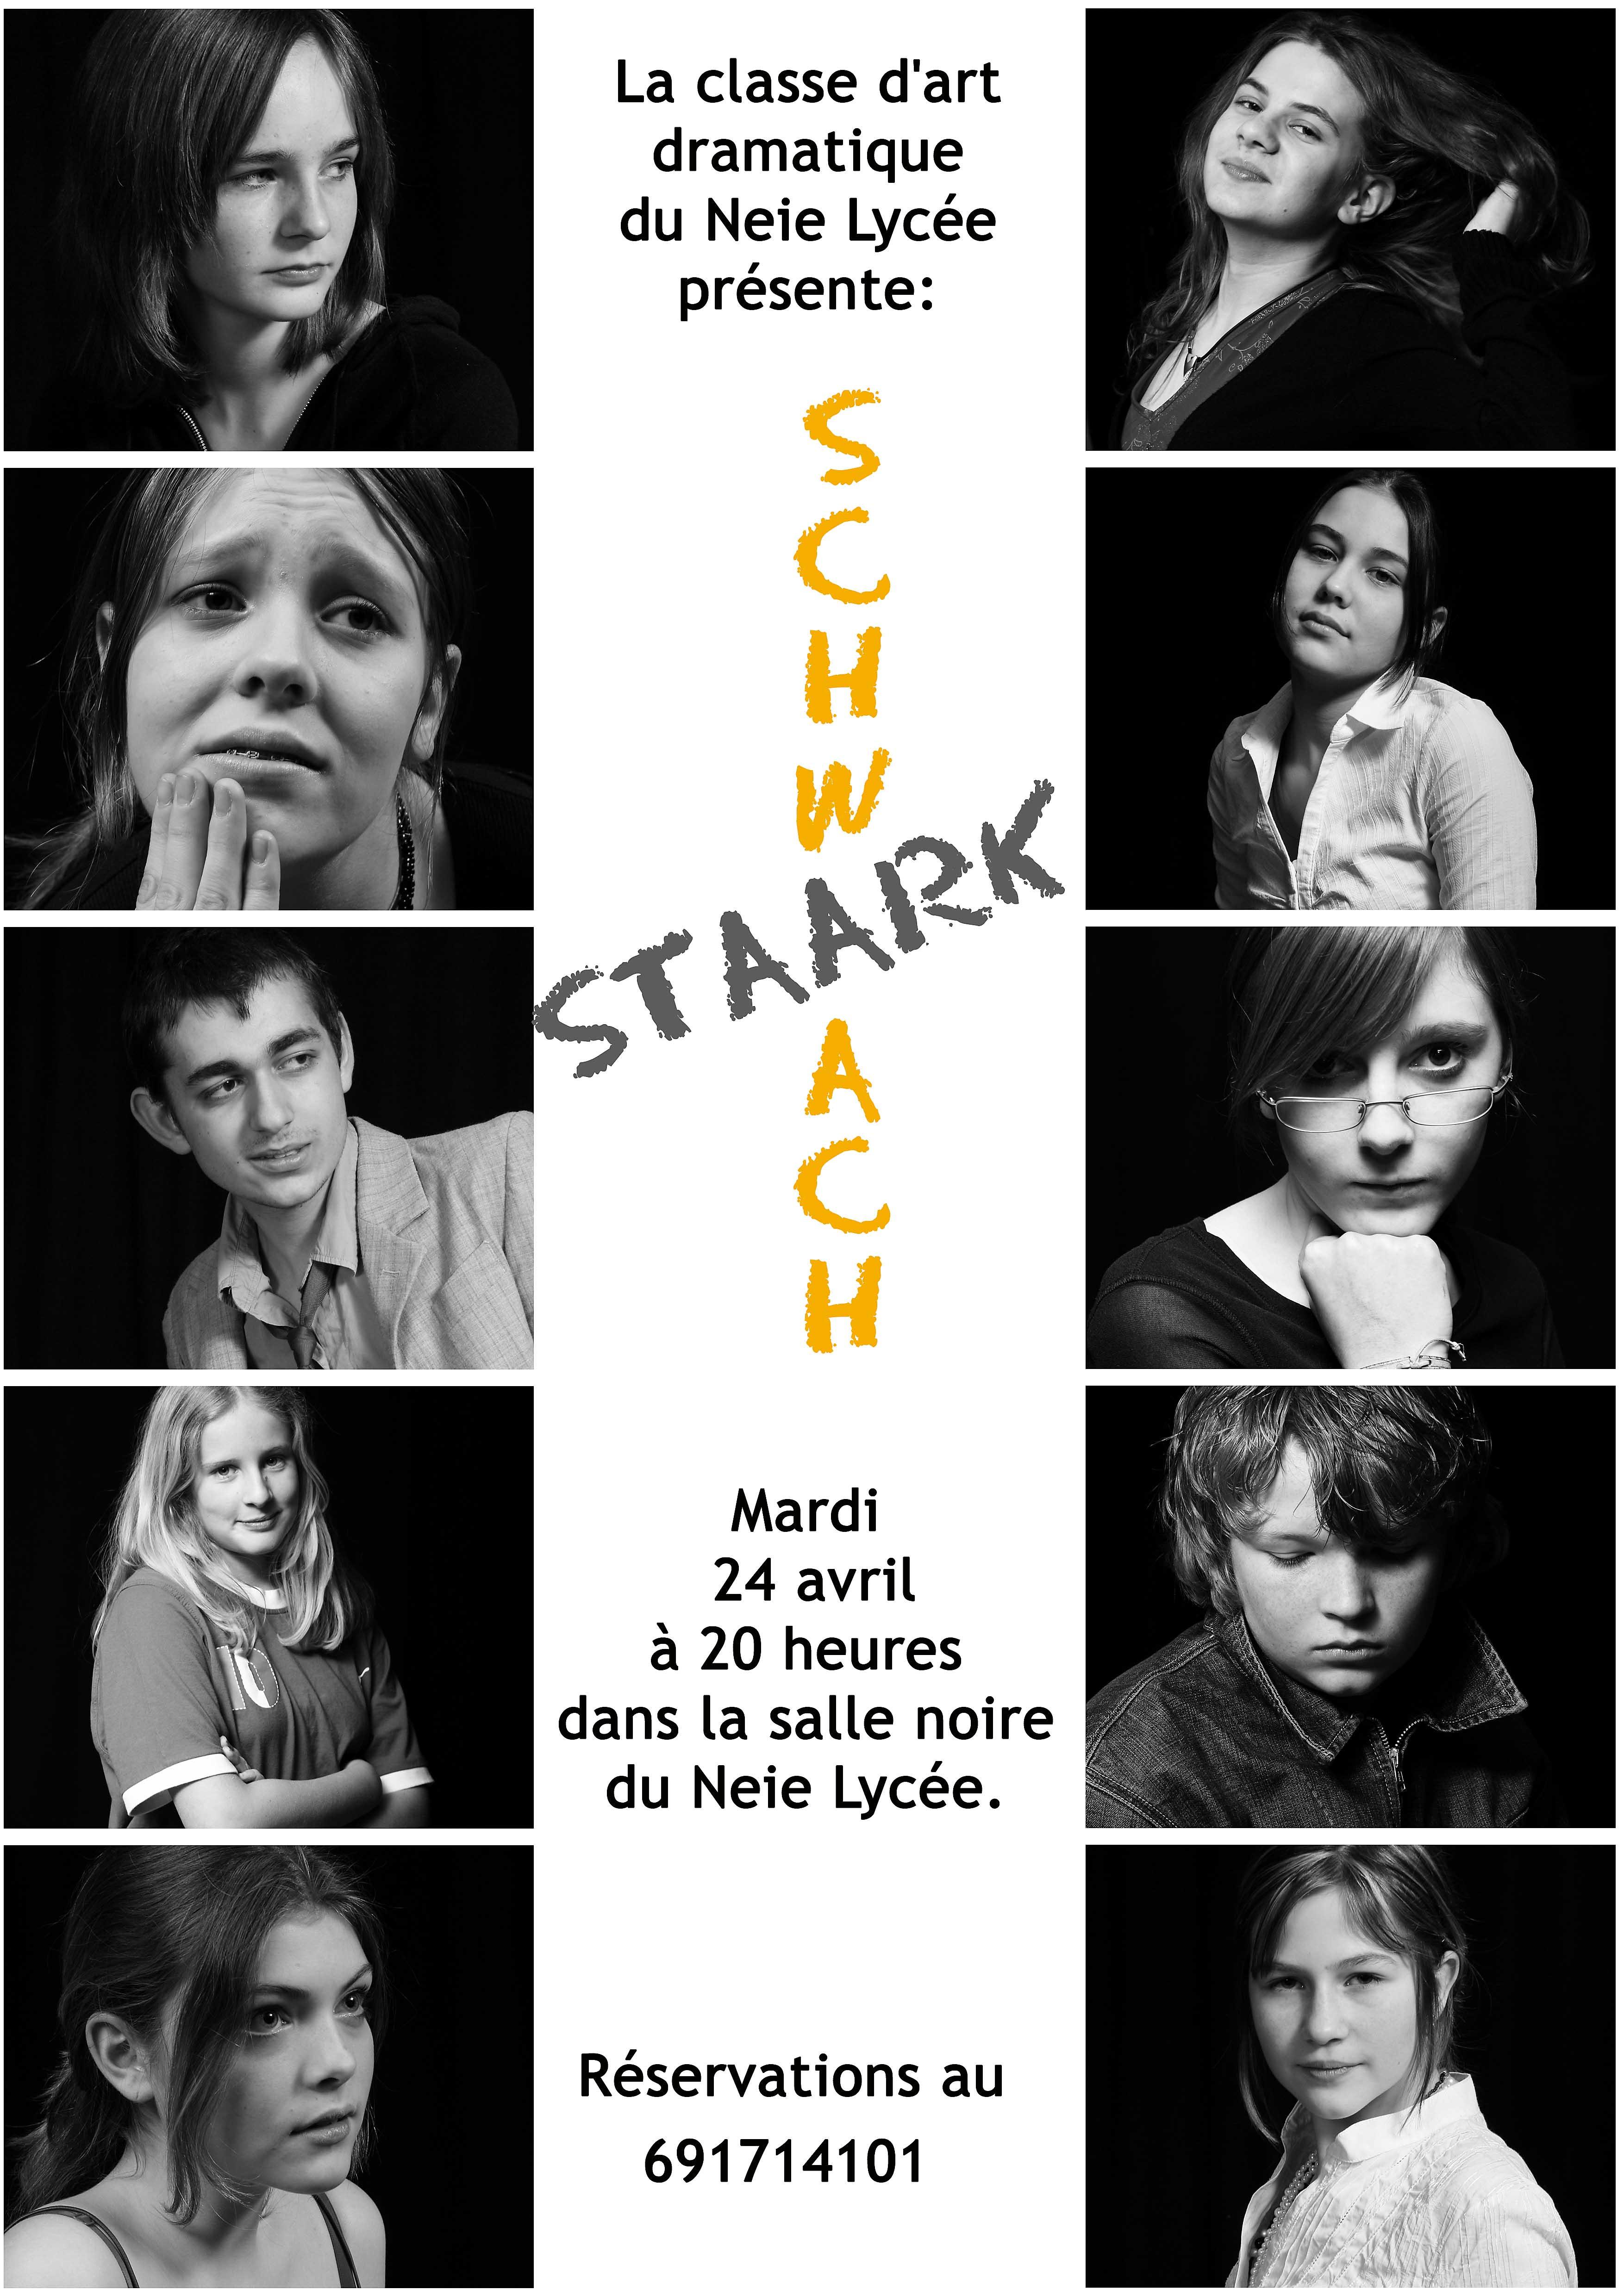 2007 Staark a schwaach.jpg